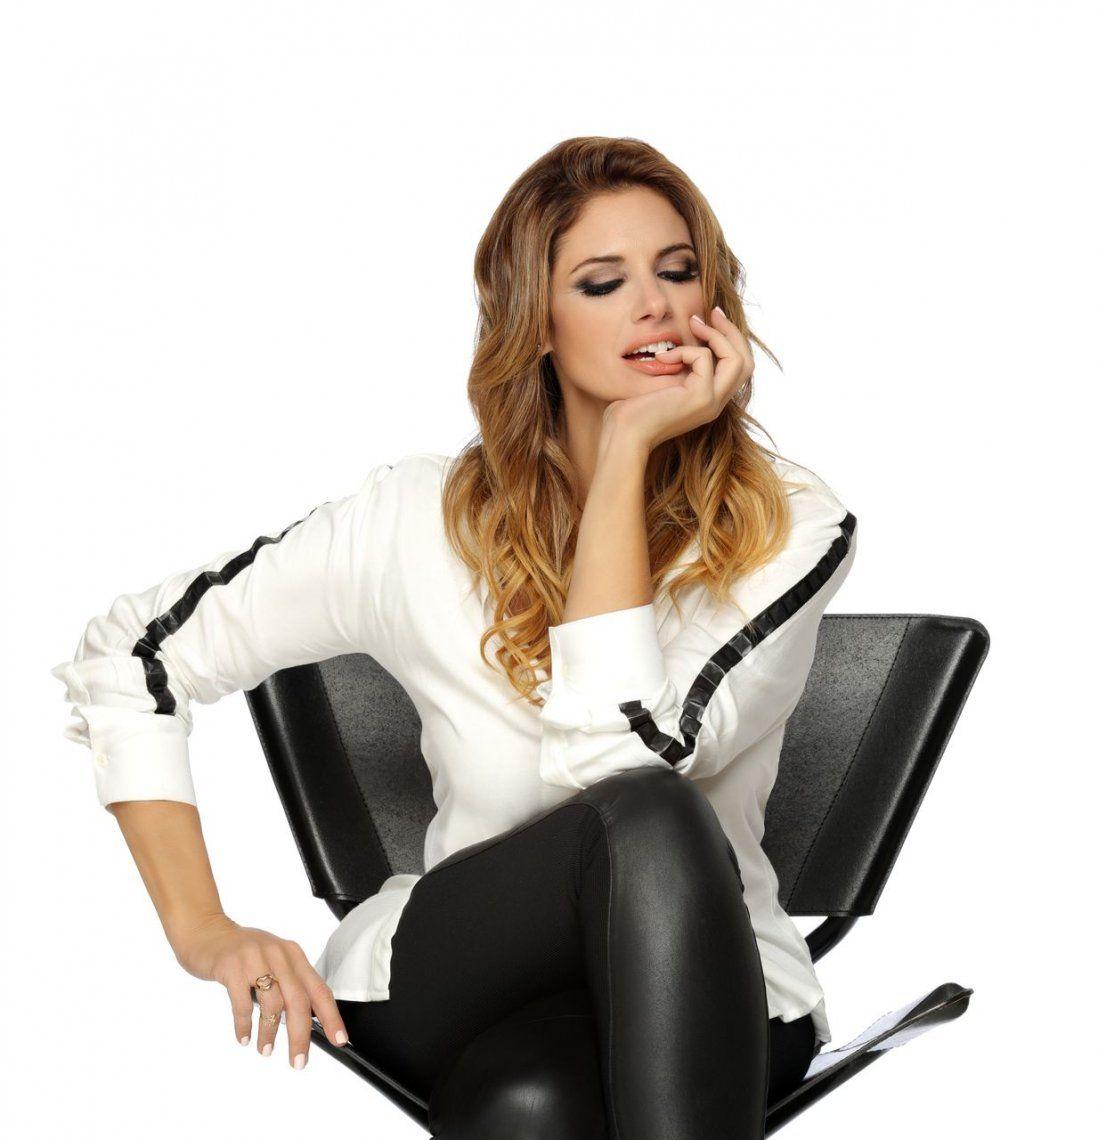 Alessandra Rampolla: El sexo es comiquito y nadie se ve muy elegante teniéndolo